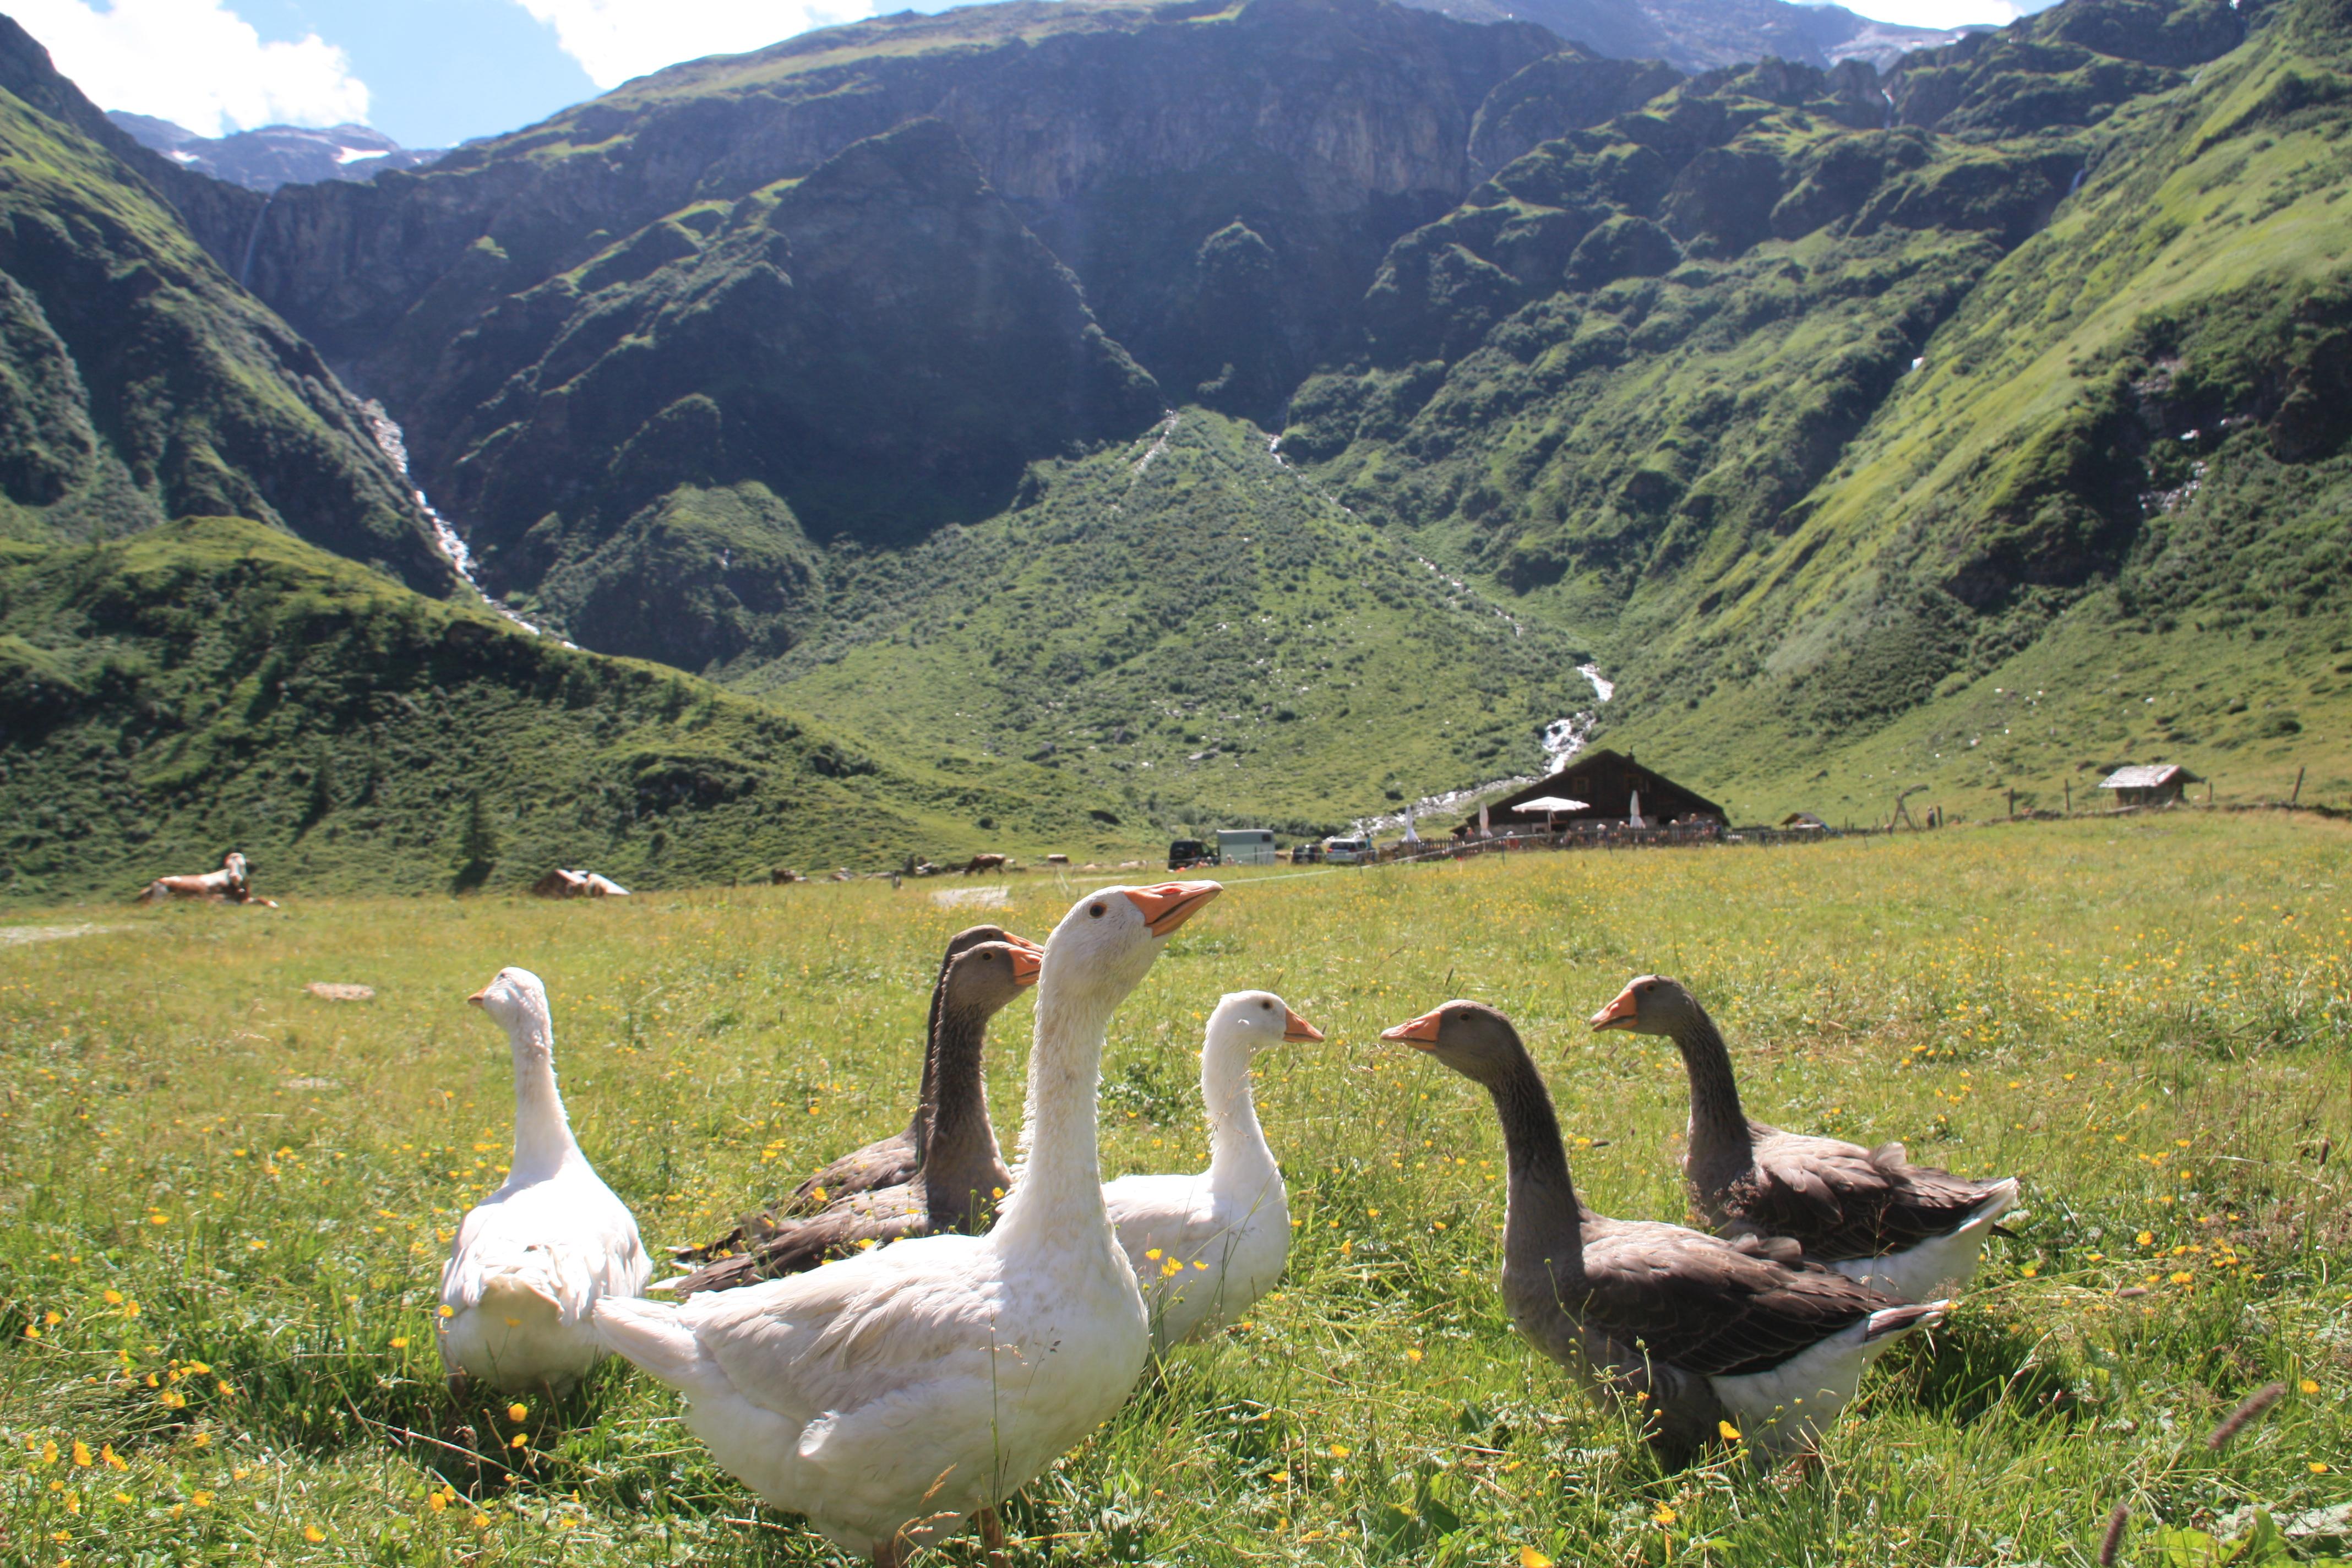 © SalzburgerLand Tourismus, Martina Egger, Wanderführer Hand Naglmayr kommt gerne auf einen Topfenstrudel vorbei